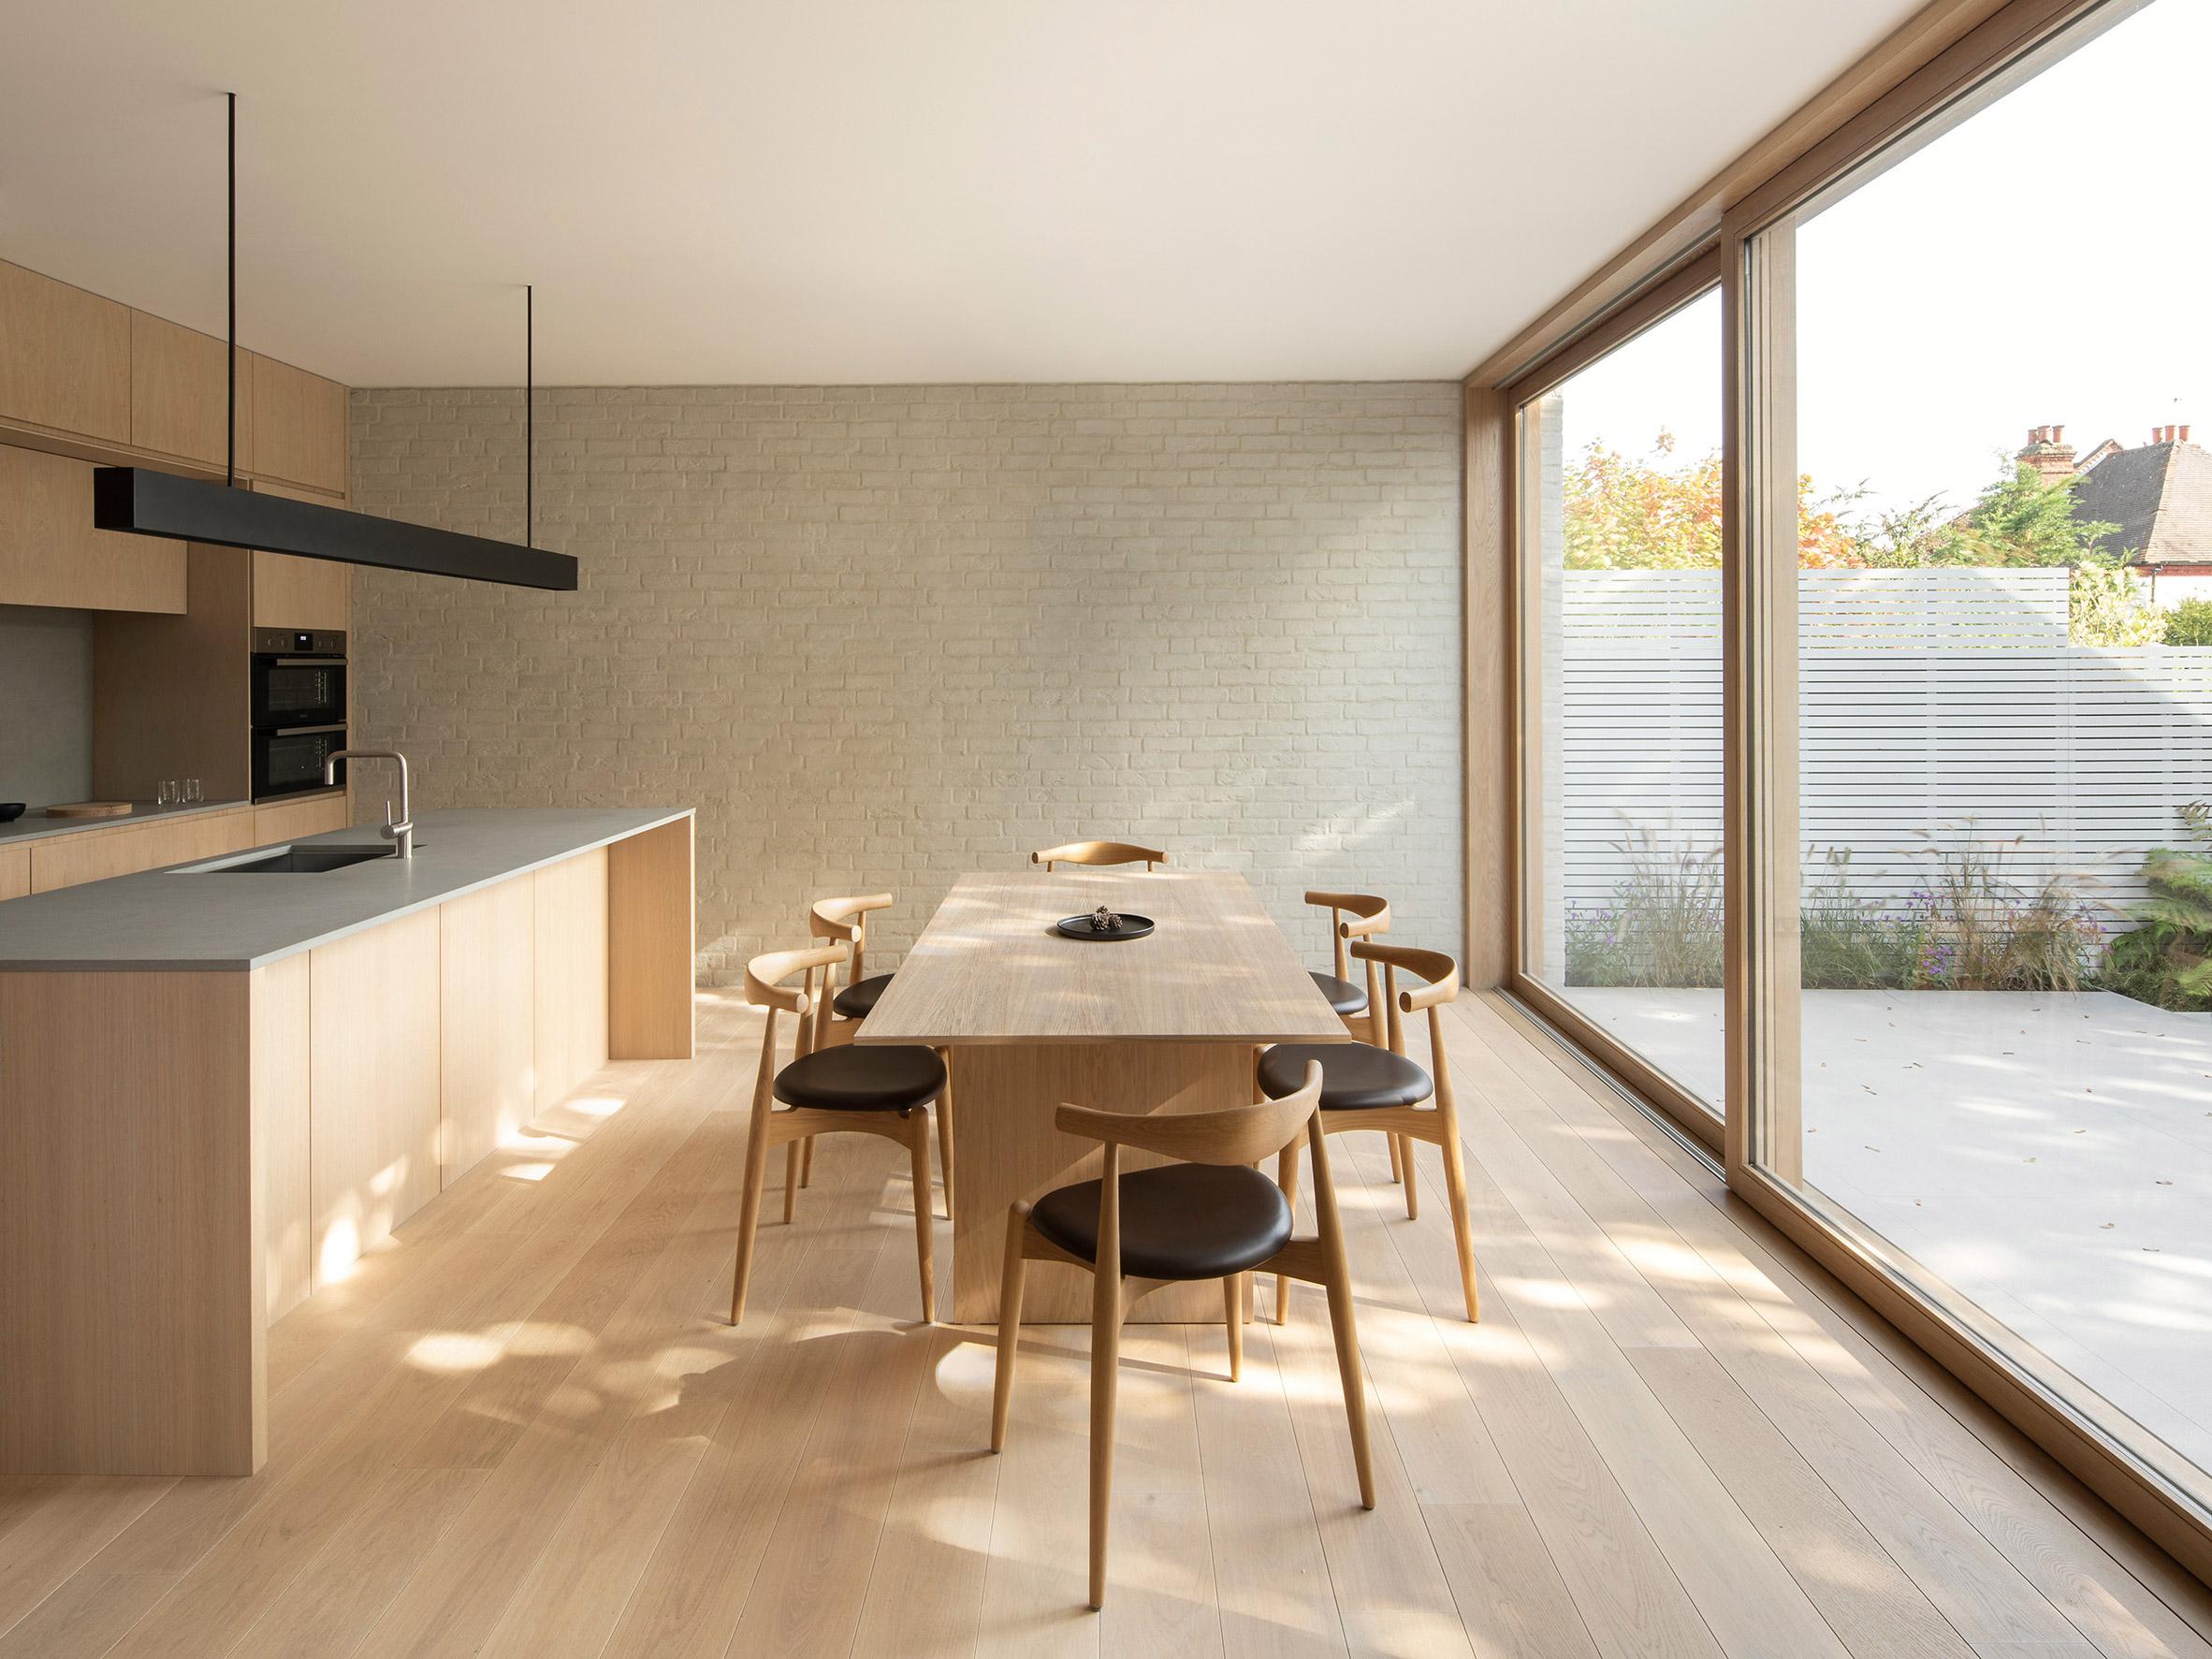 soft looking oak lined kitchen